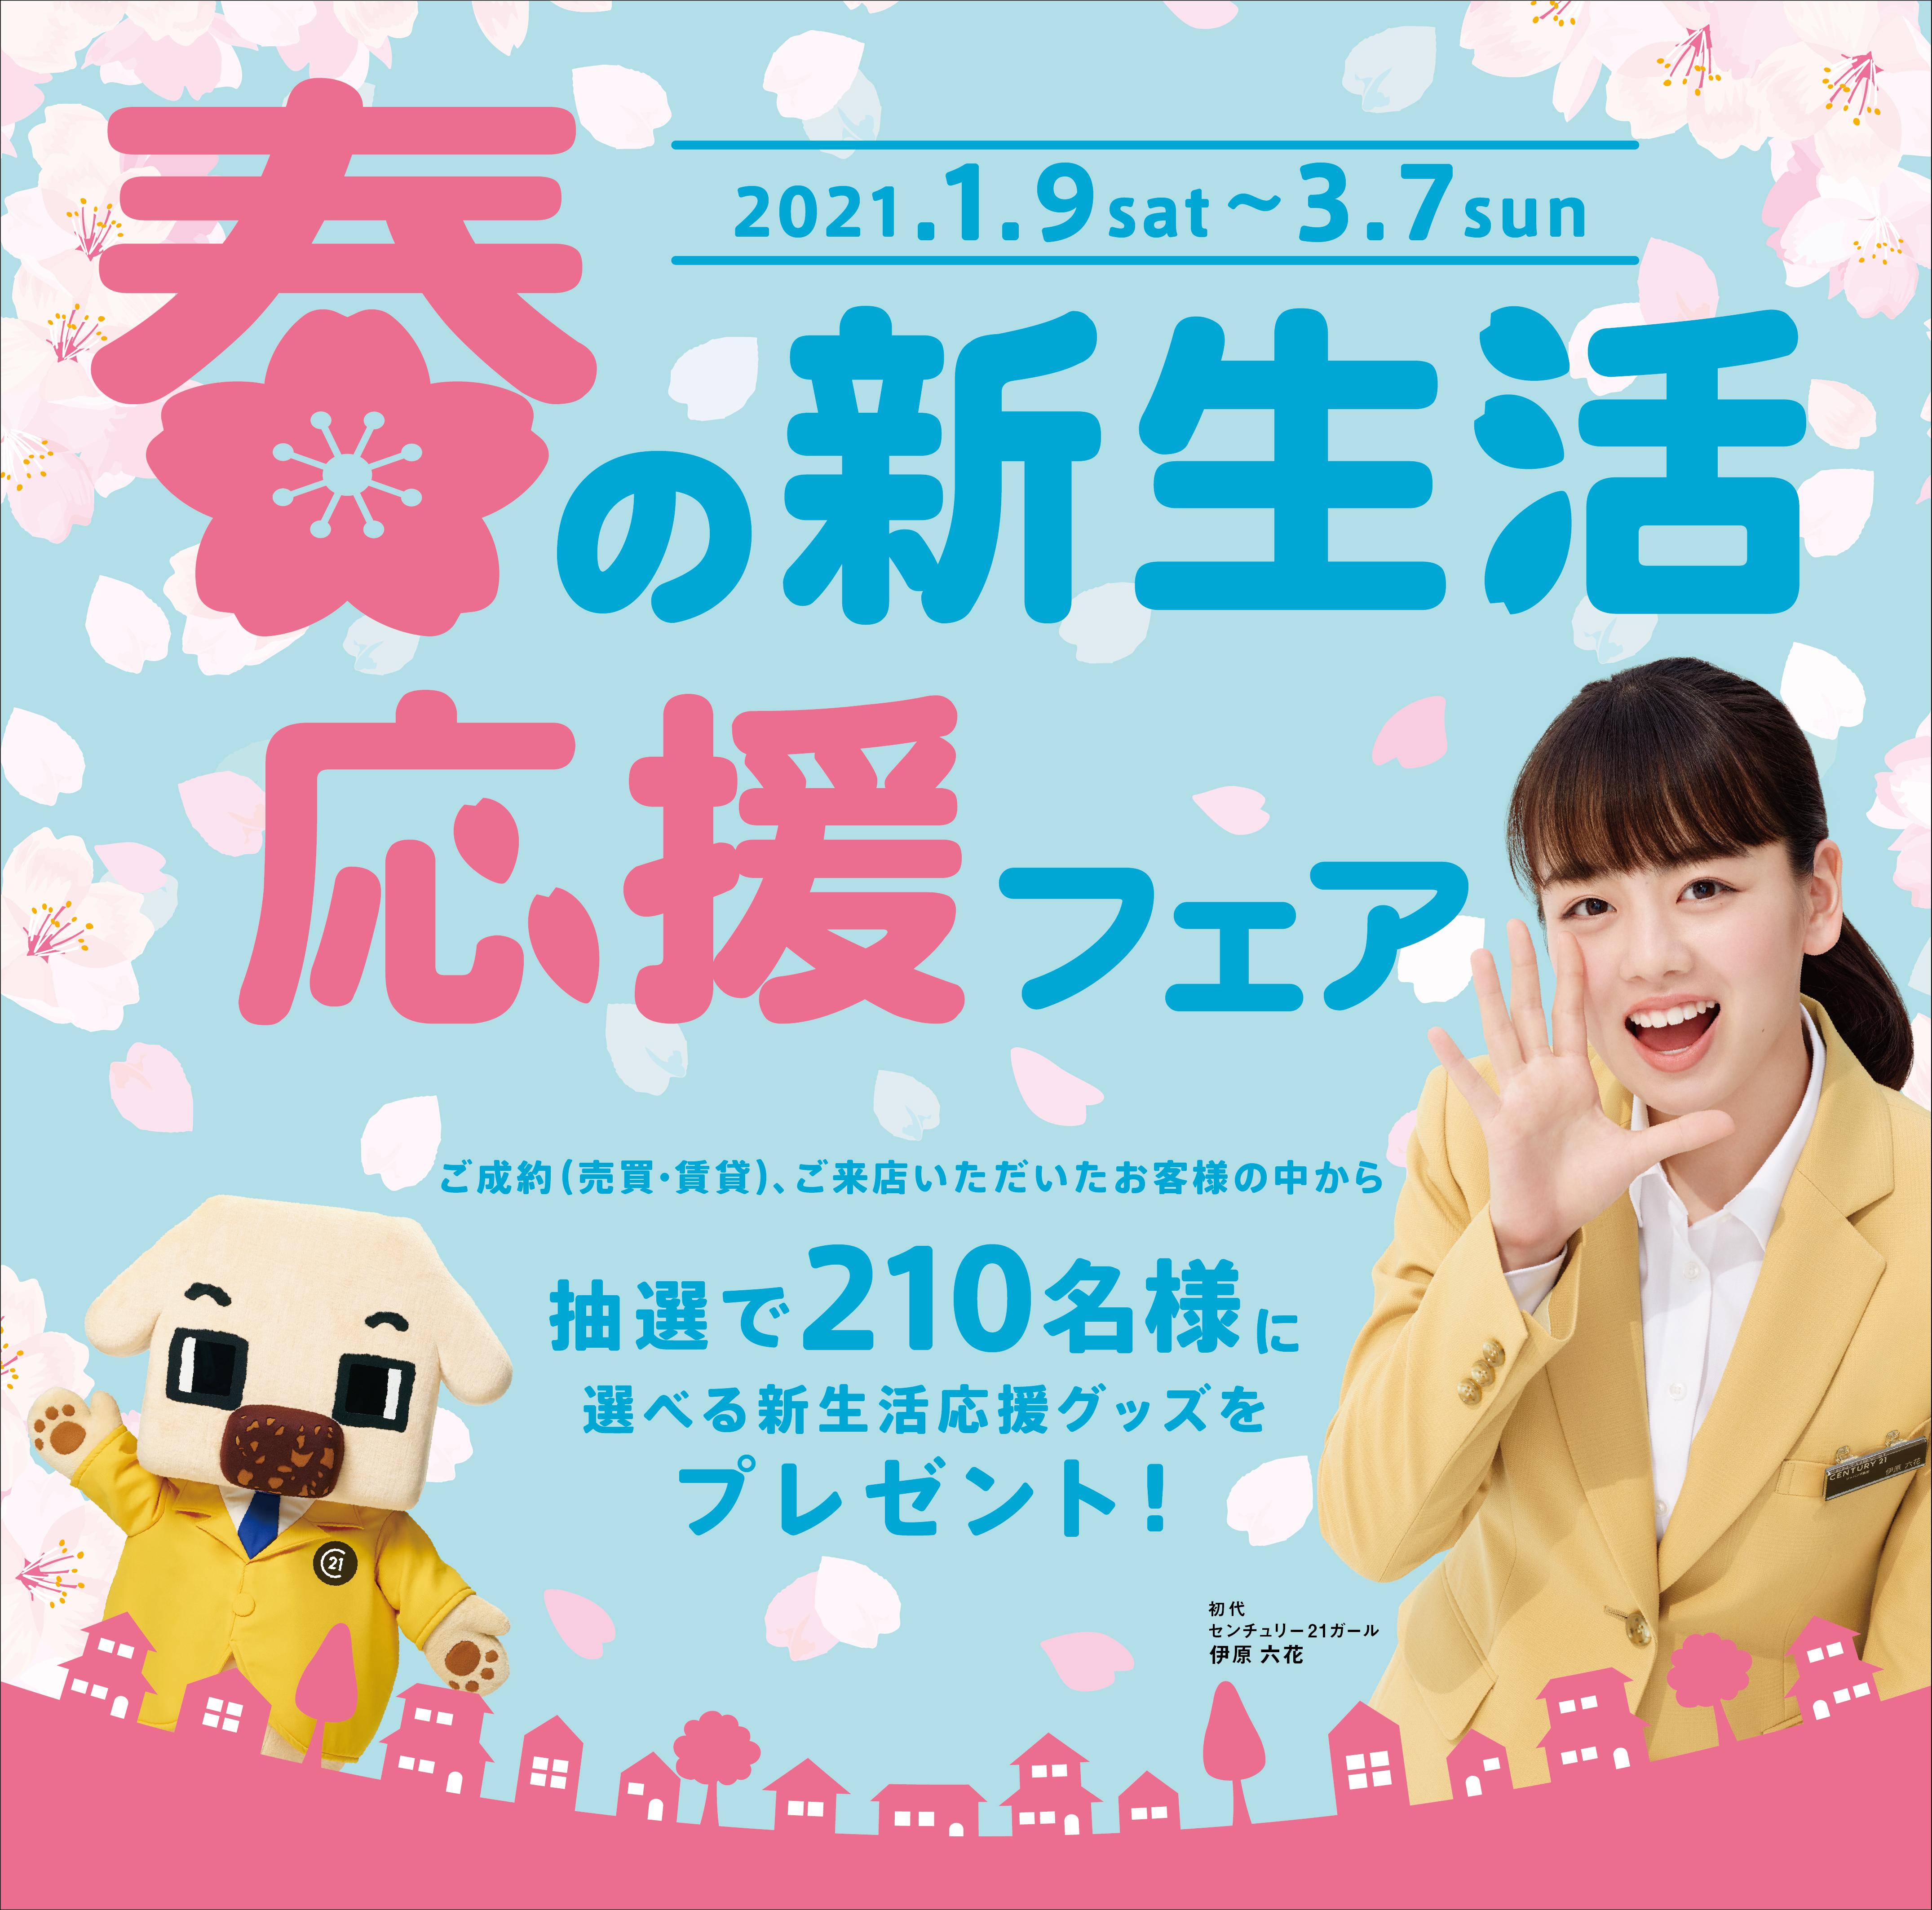 【春の新生活応援フェア開催中!】